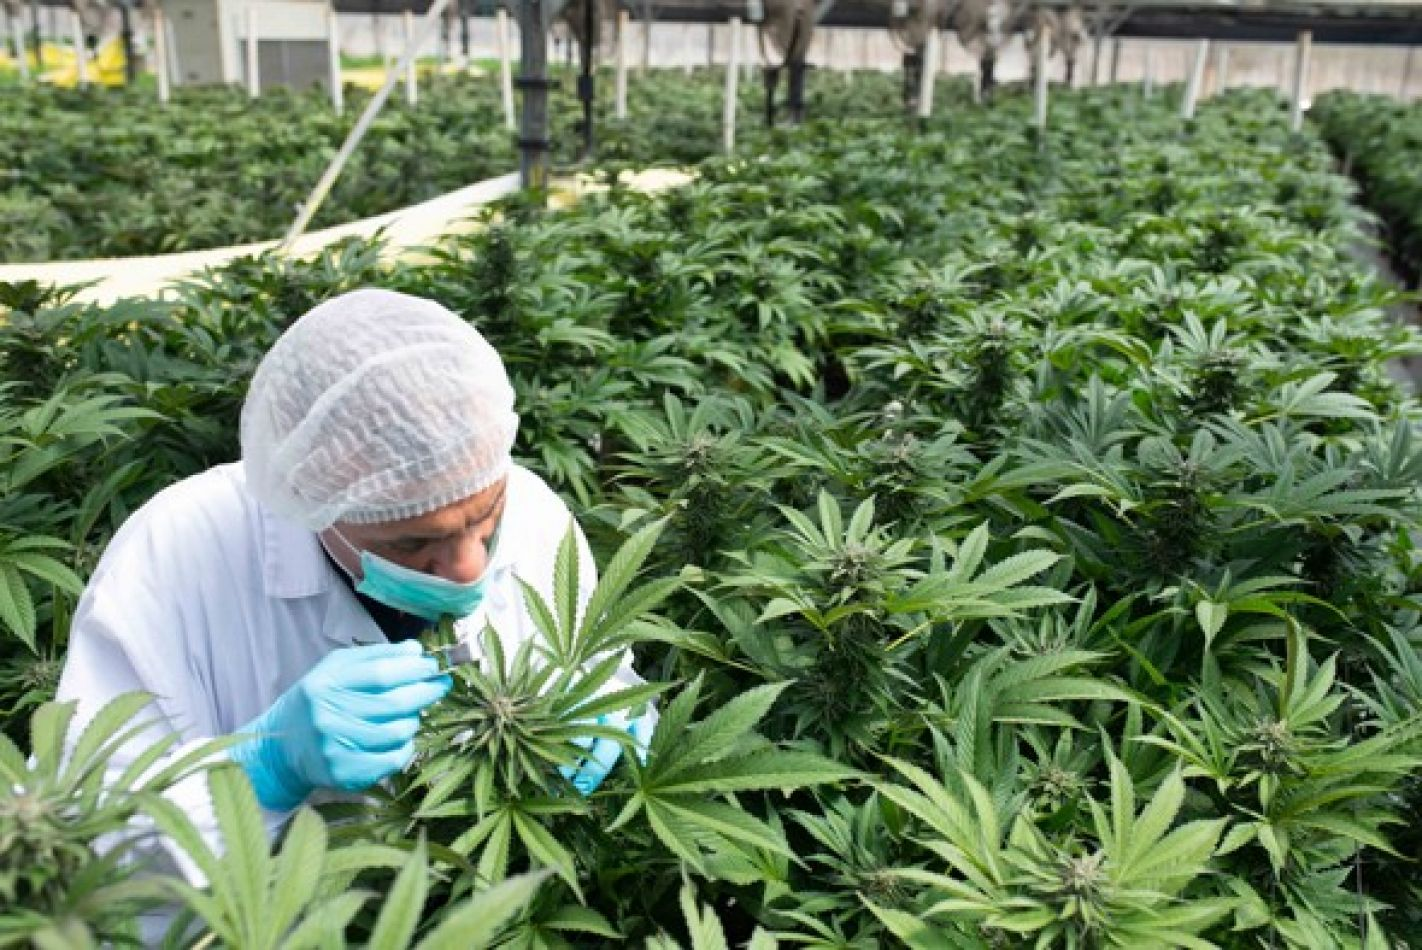 Posibilidades. La producción de cannabis requiere de un serio debate, reclaman desde la cámara del sector, para la regulación de la actividad.